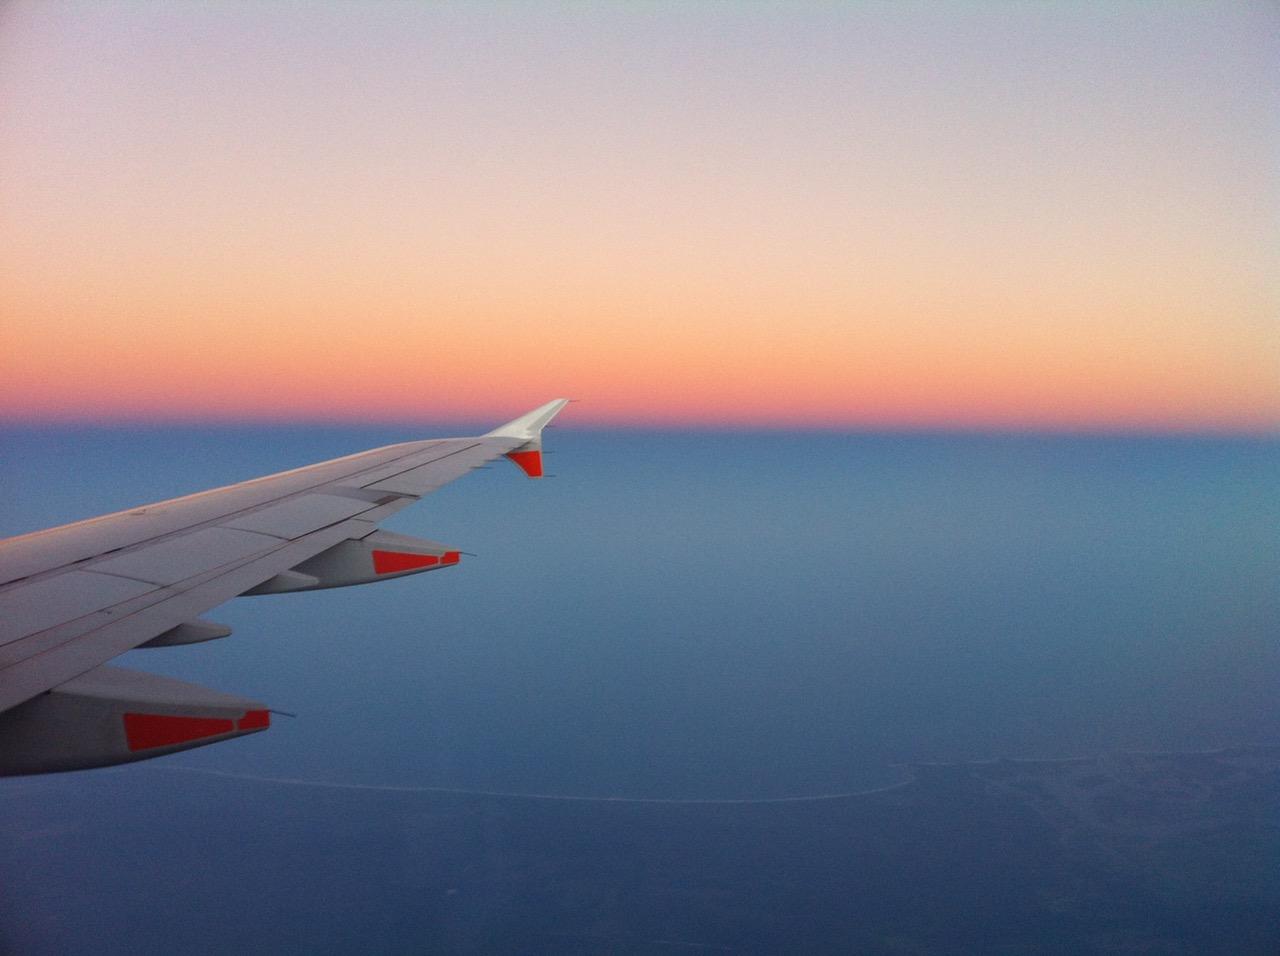 Air plane wings